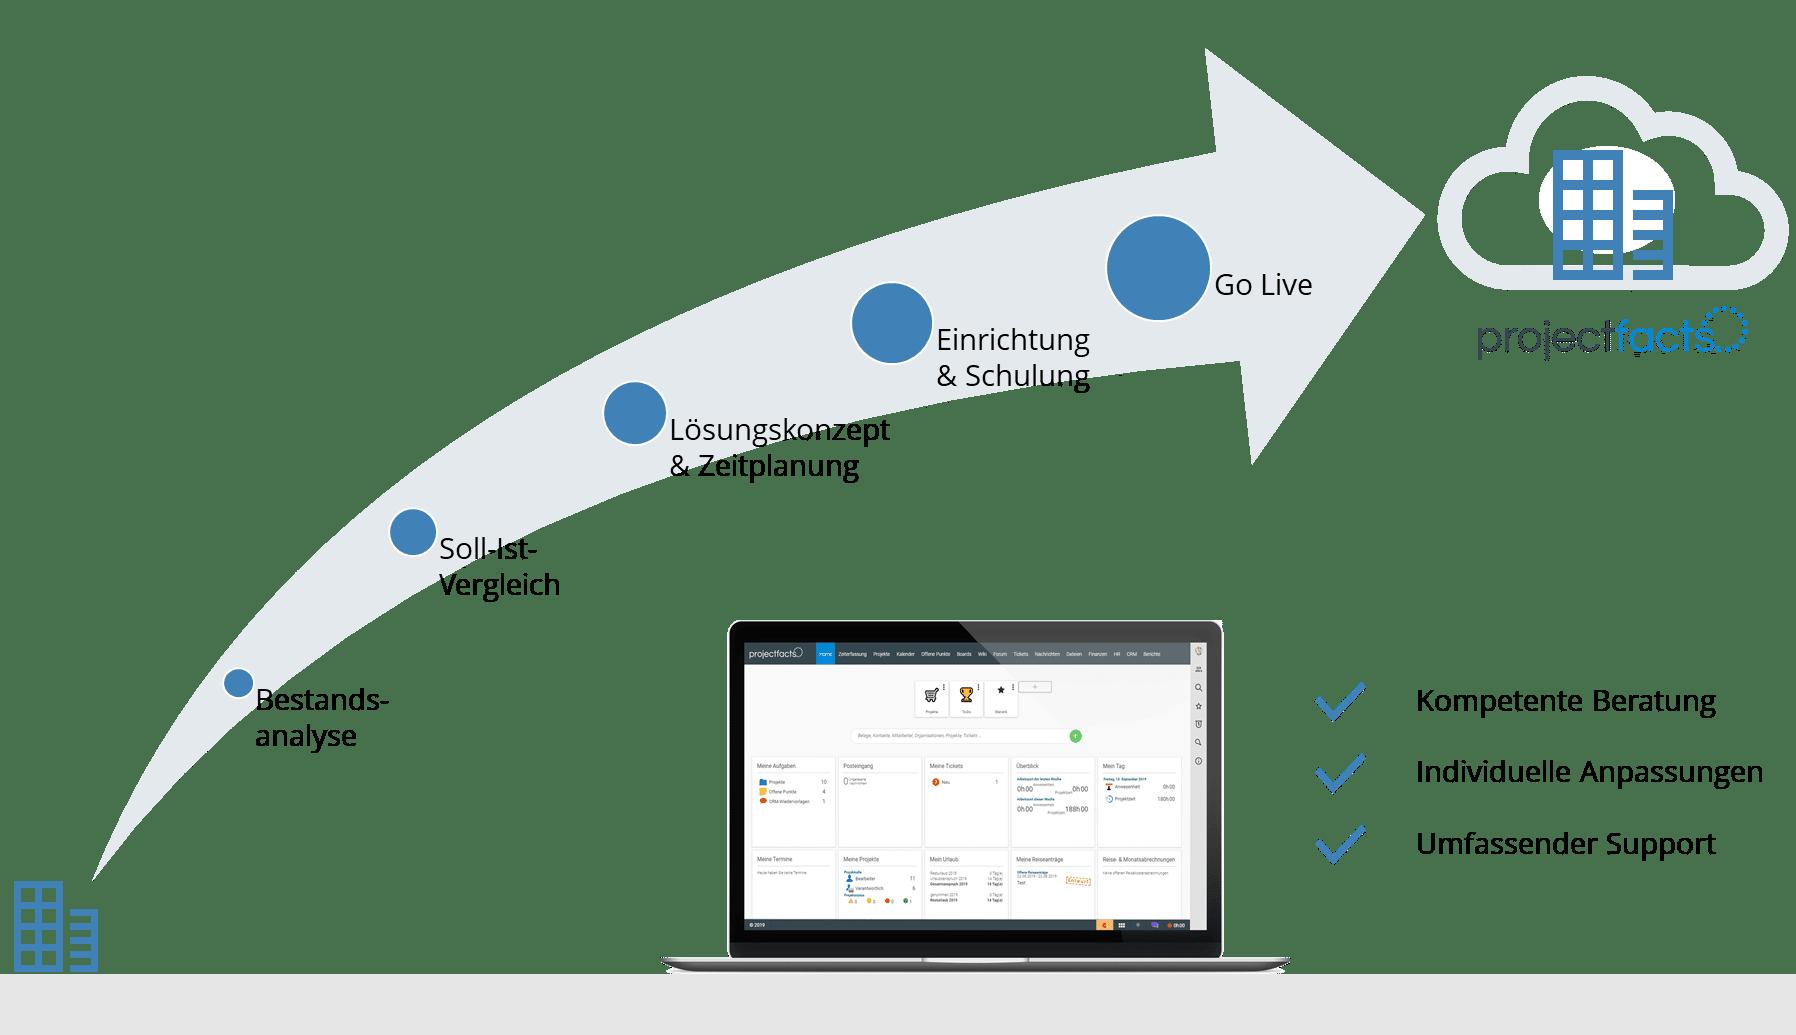 Digitalisierungsprozess mit projectfacts